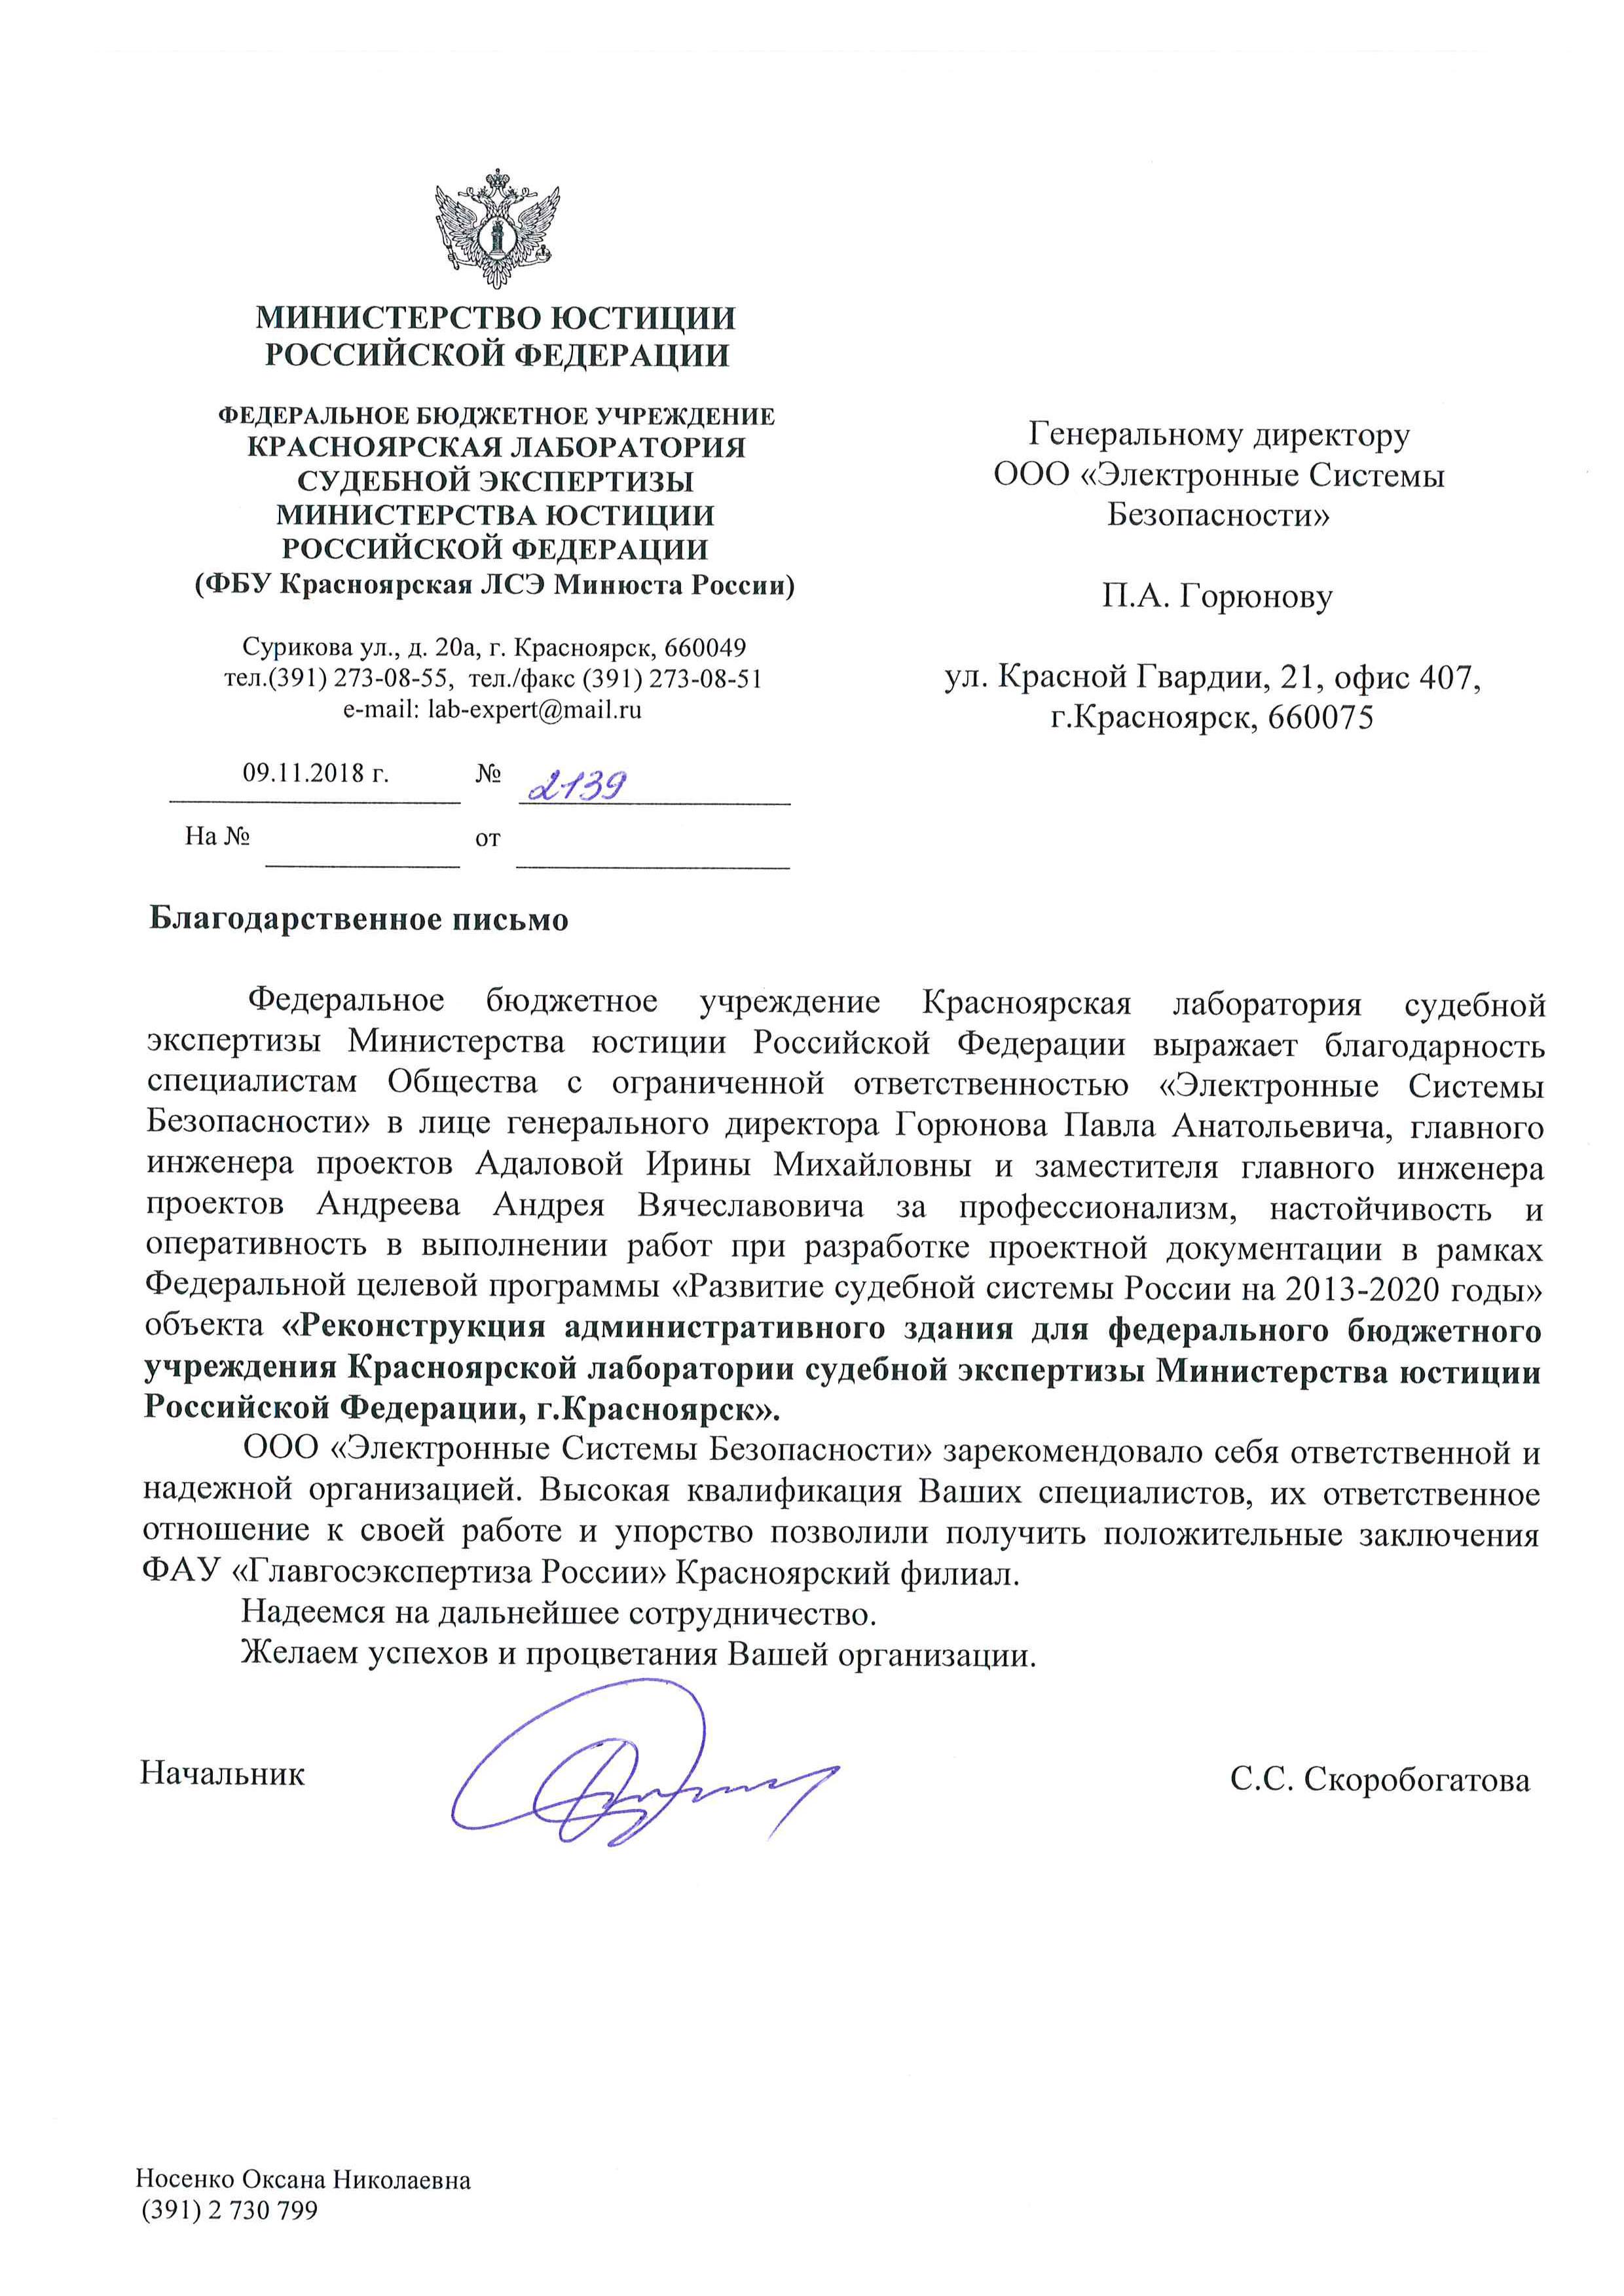 Лаборатория судебной экспертизы Министерства юстиции РФ, г. Красноярск